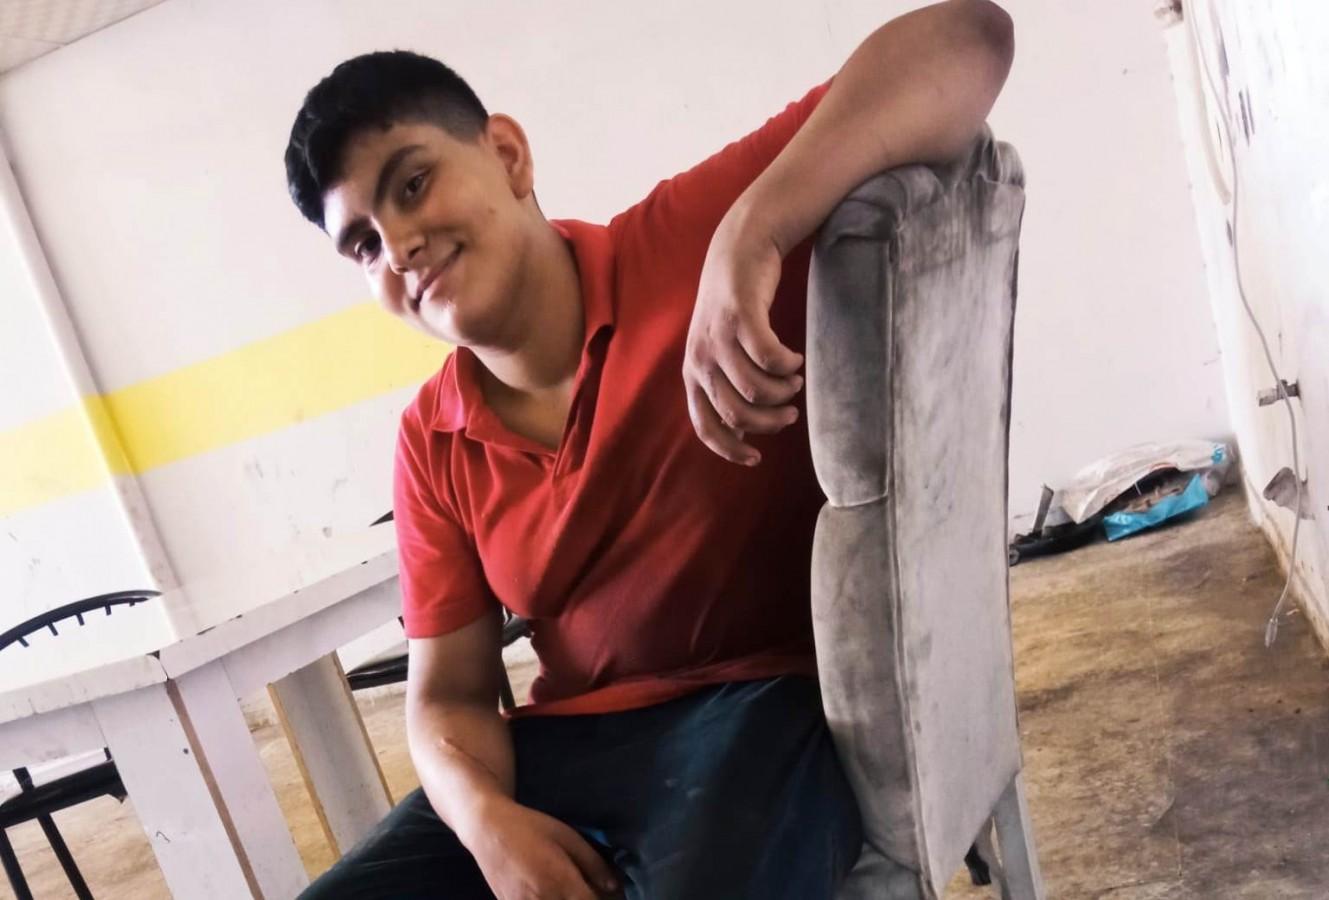 Şanlıurfa'da kaybolan çocuk 3 gündür aranıyor!